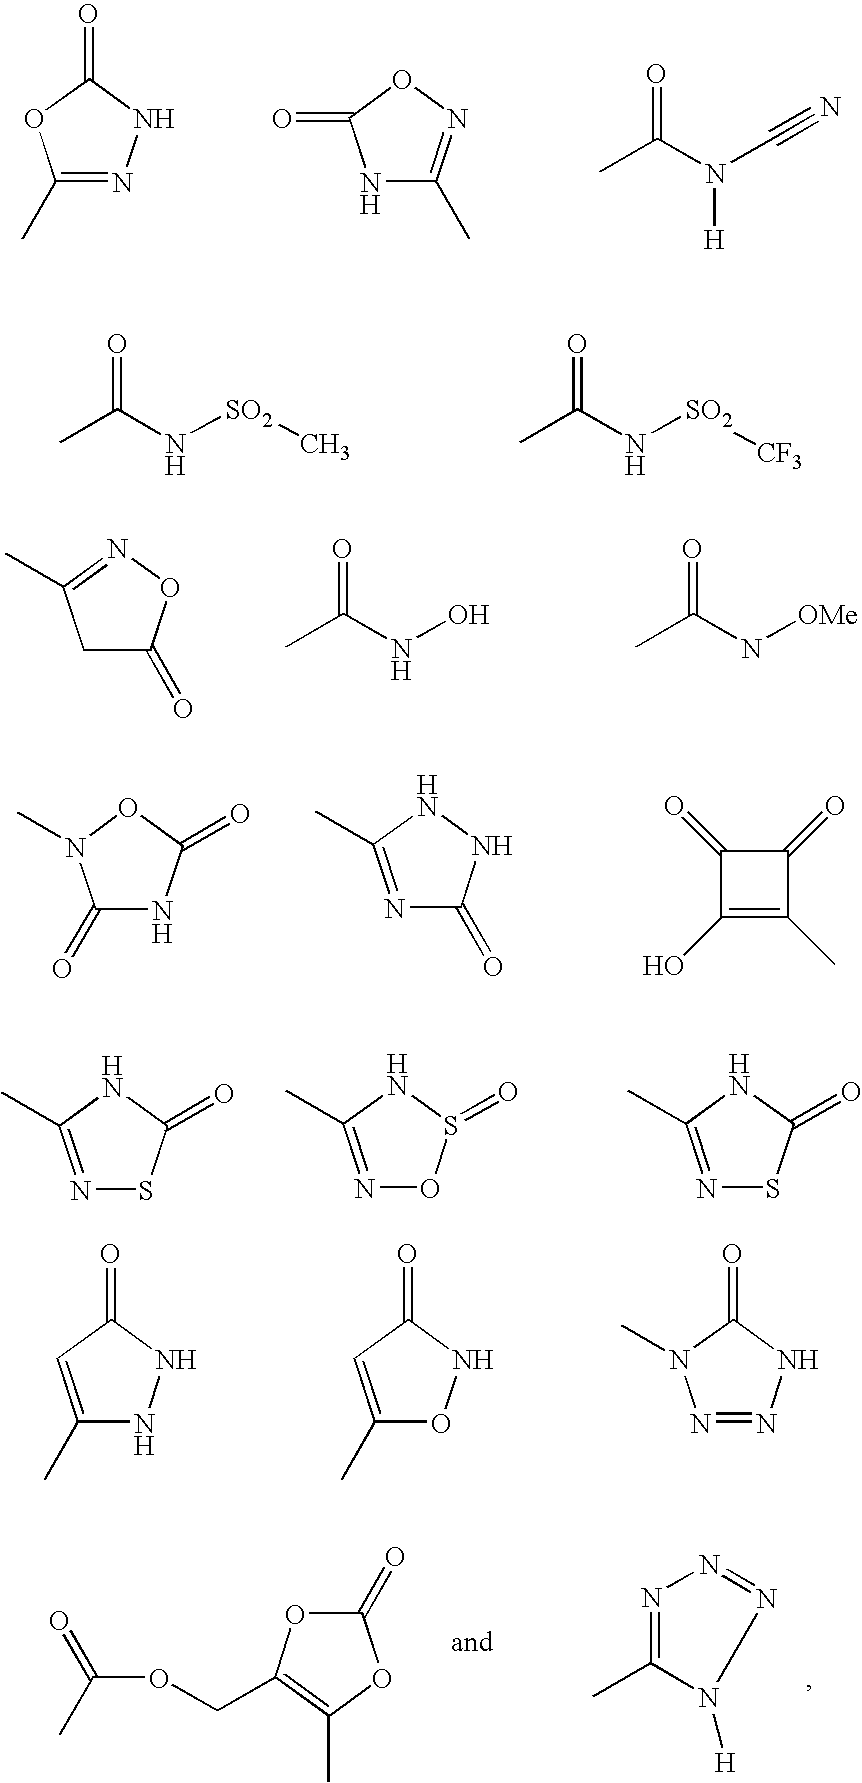 Figure US20050009827A1-20050113-C00009